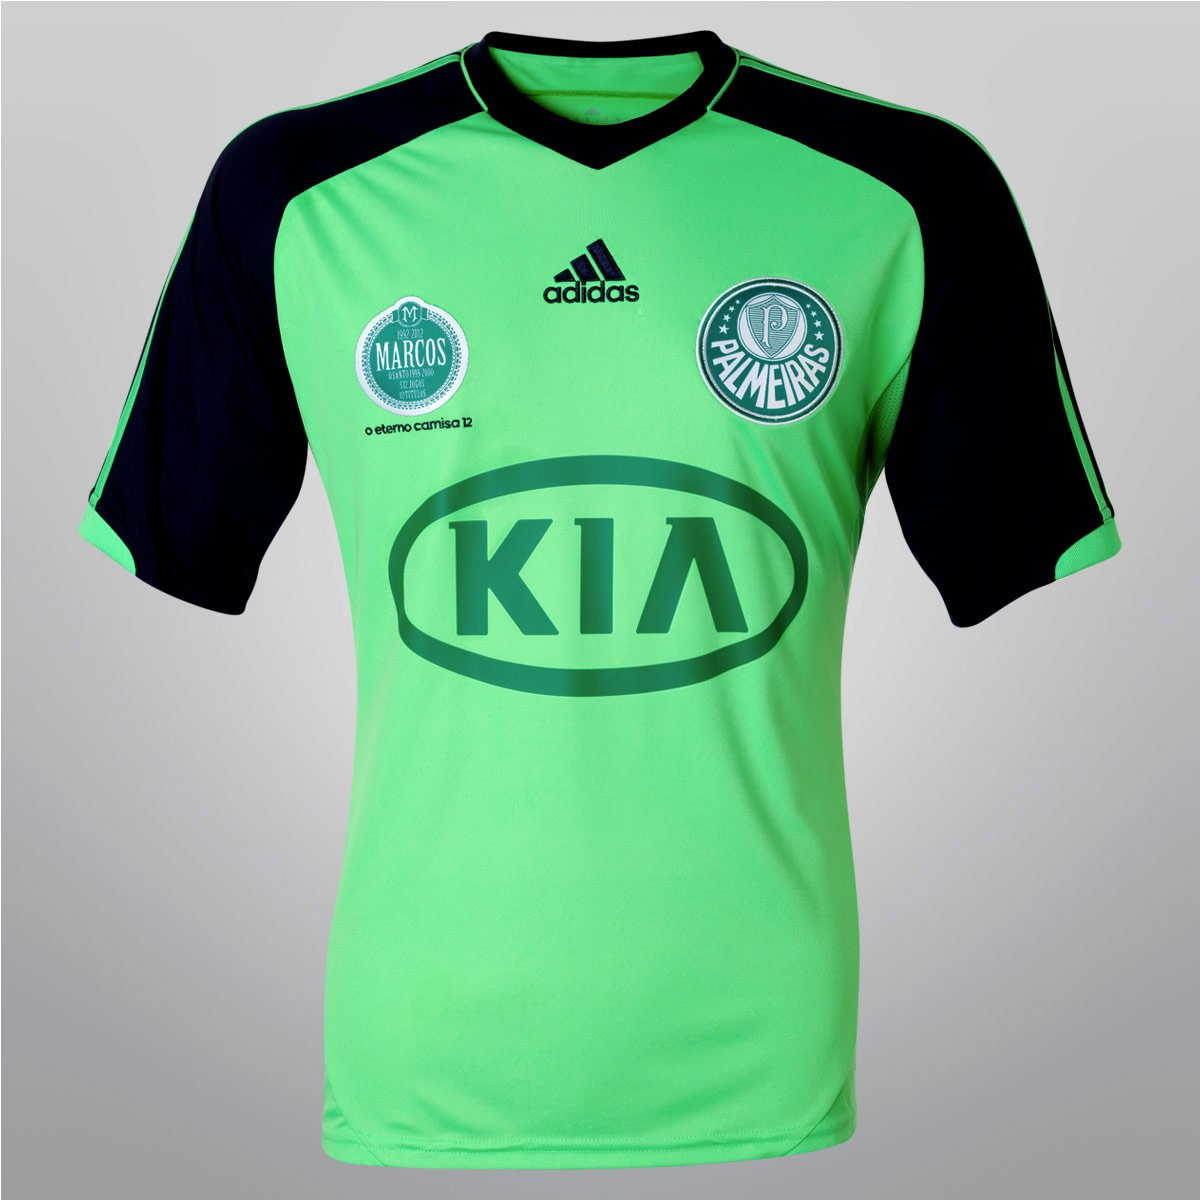 4dffdb39c6 Camisa Adidas Palmeiras nº 12 - Marcos o Eterno - Compre Agora ...